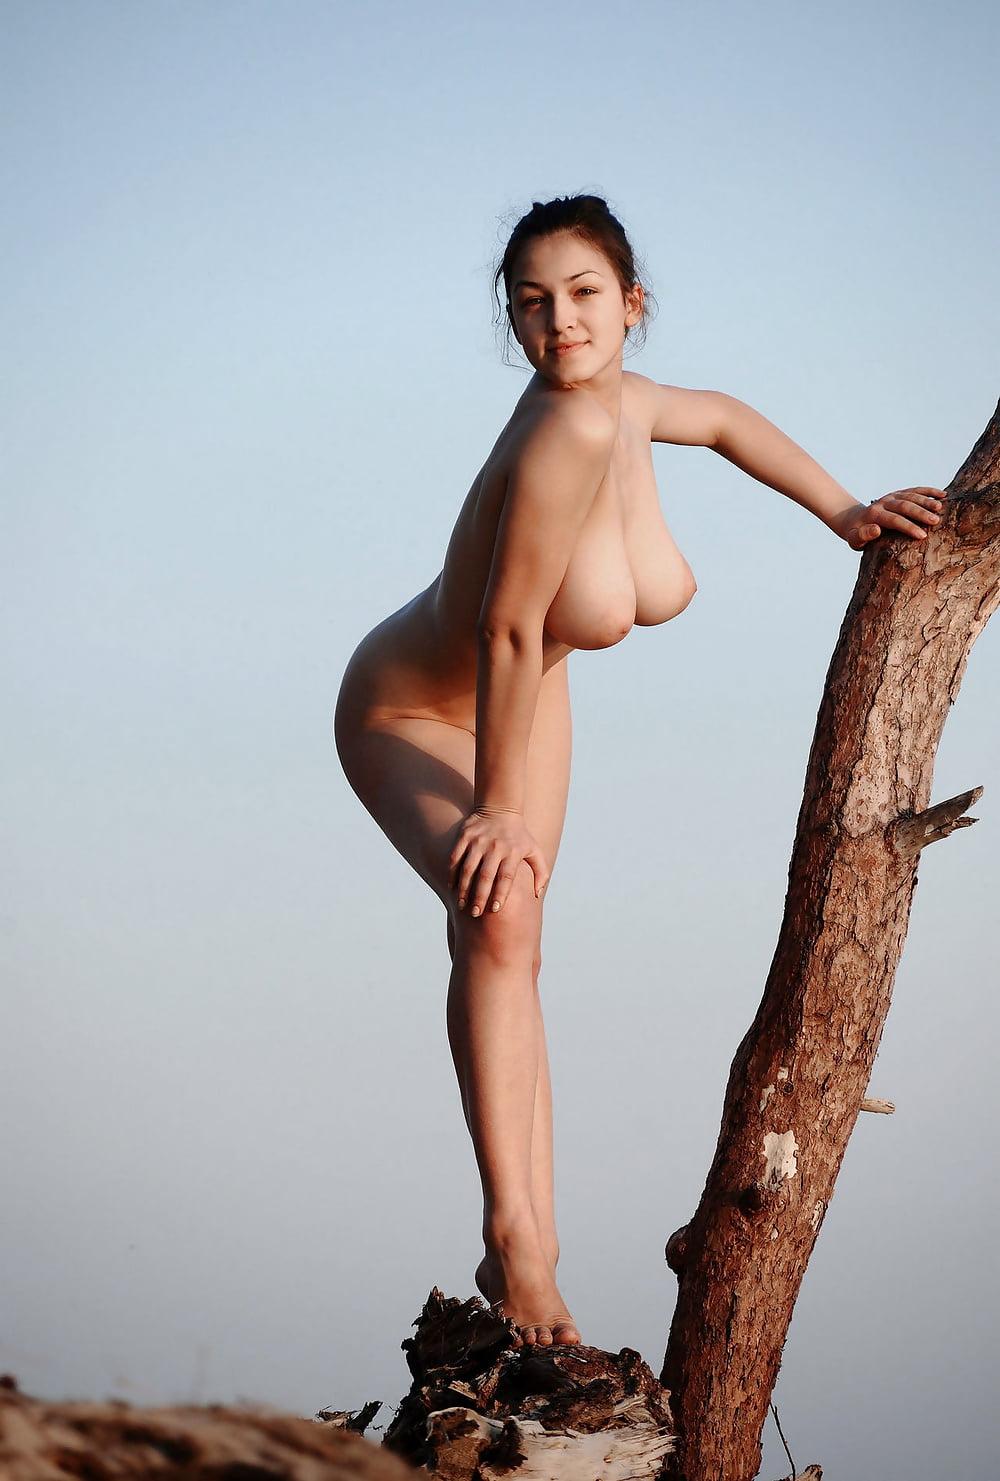 Carol etthierry 2011 - 1 8